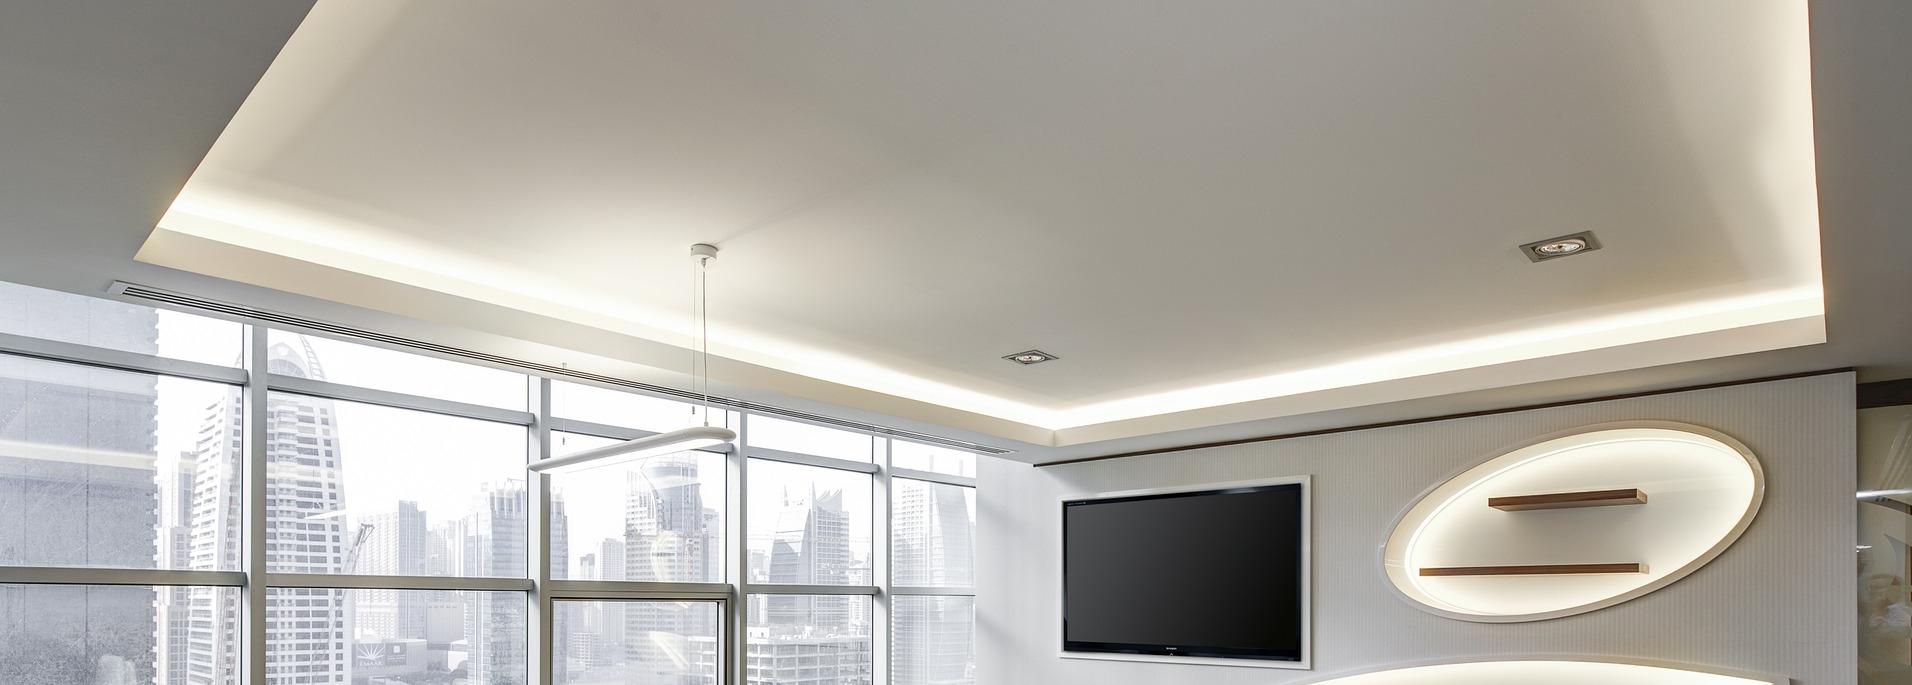 Gut gemocht Decke abhängen & Spanndecken Systeme - Anbieter & Kosten vergleichen! TD48